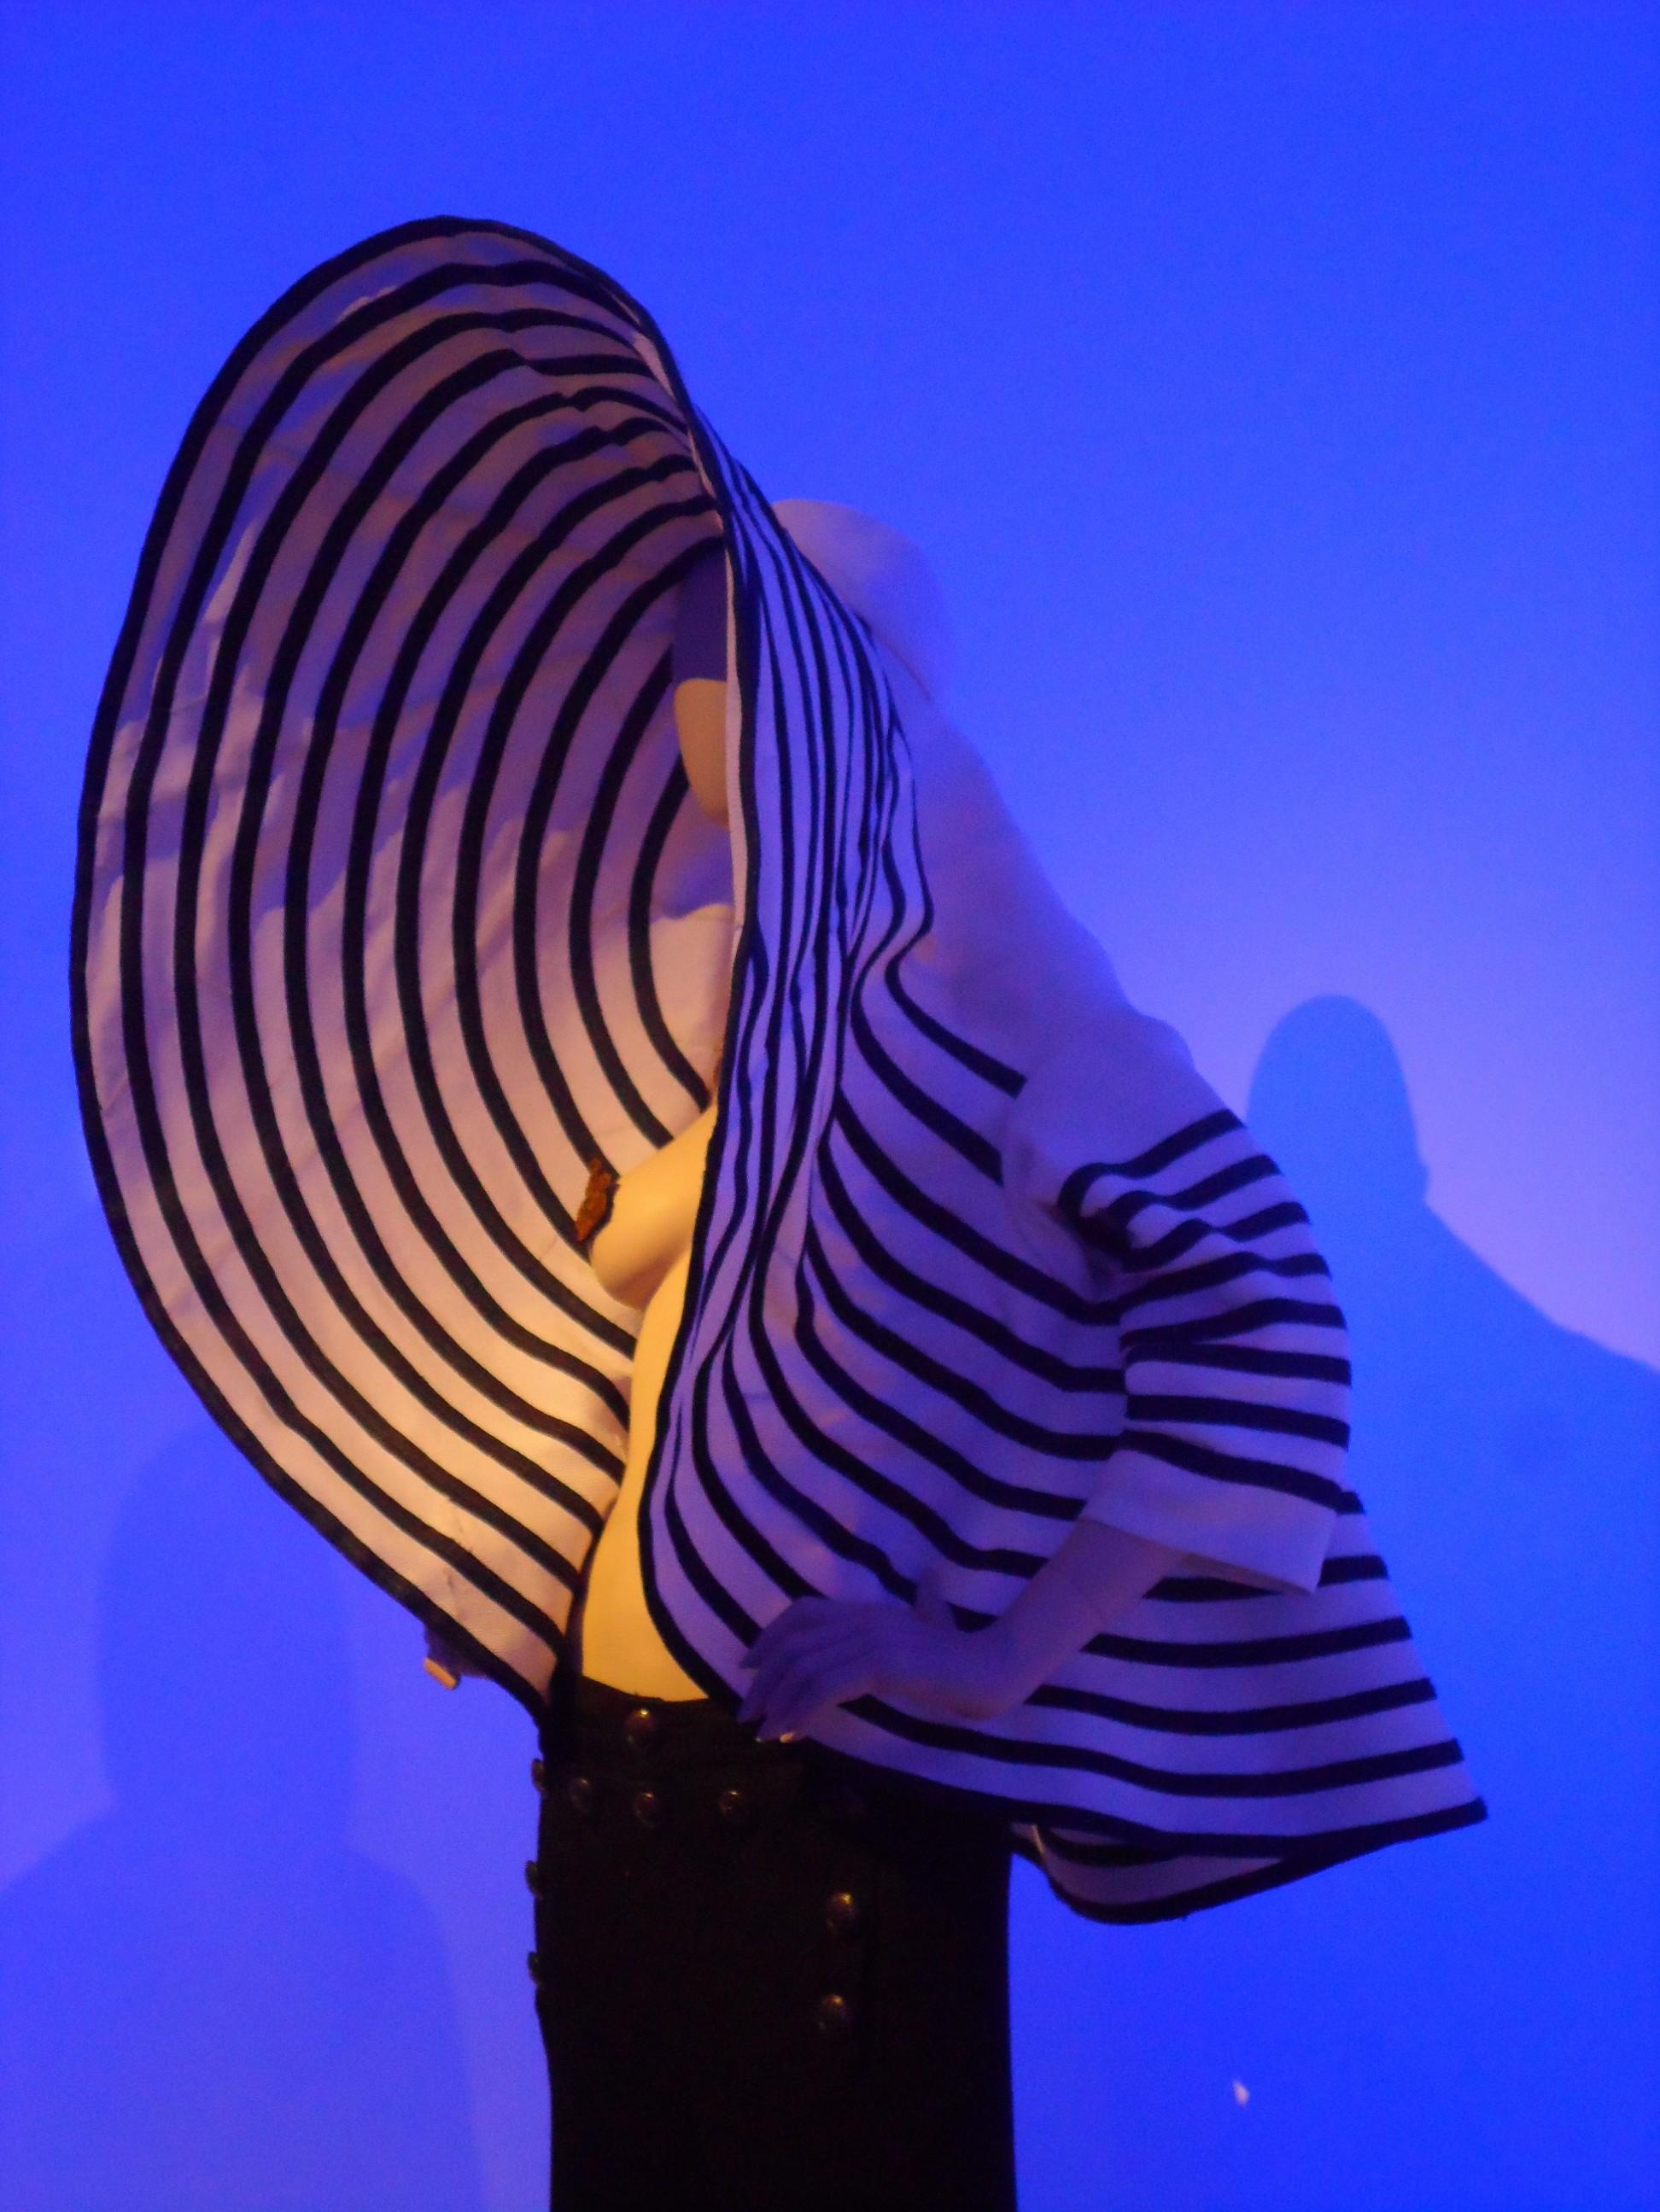 Deka Bank / Karin Bucher©